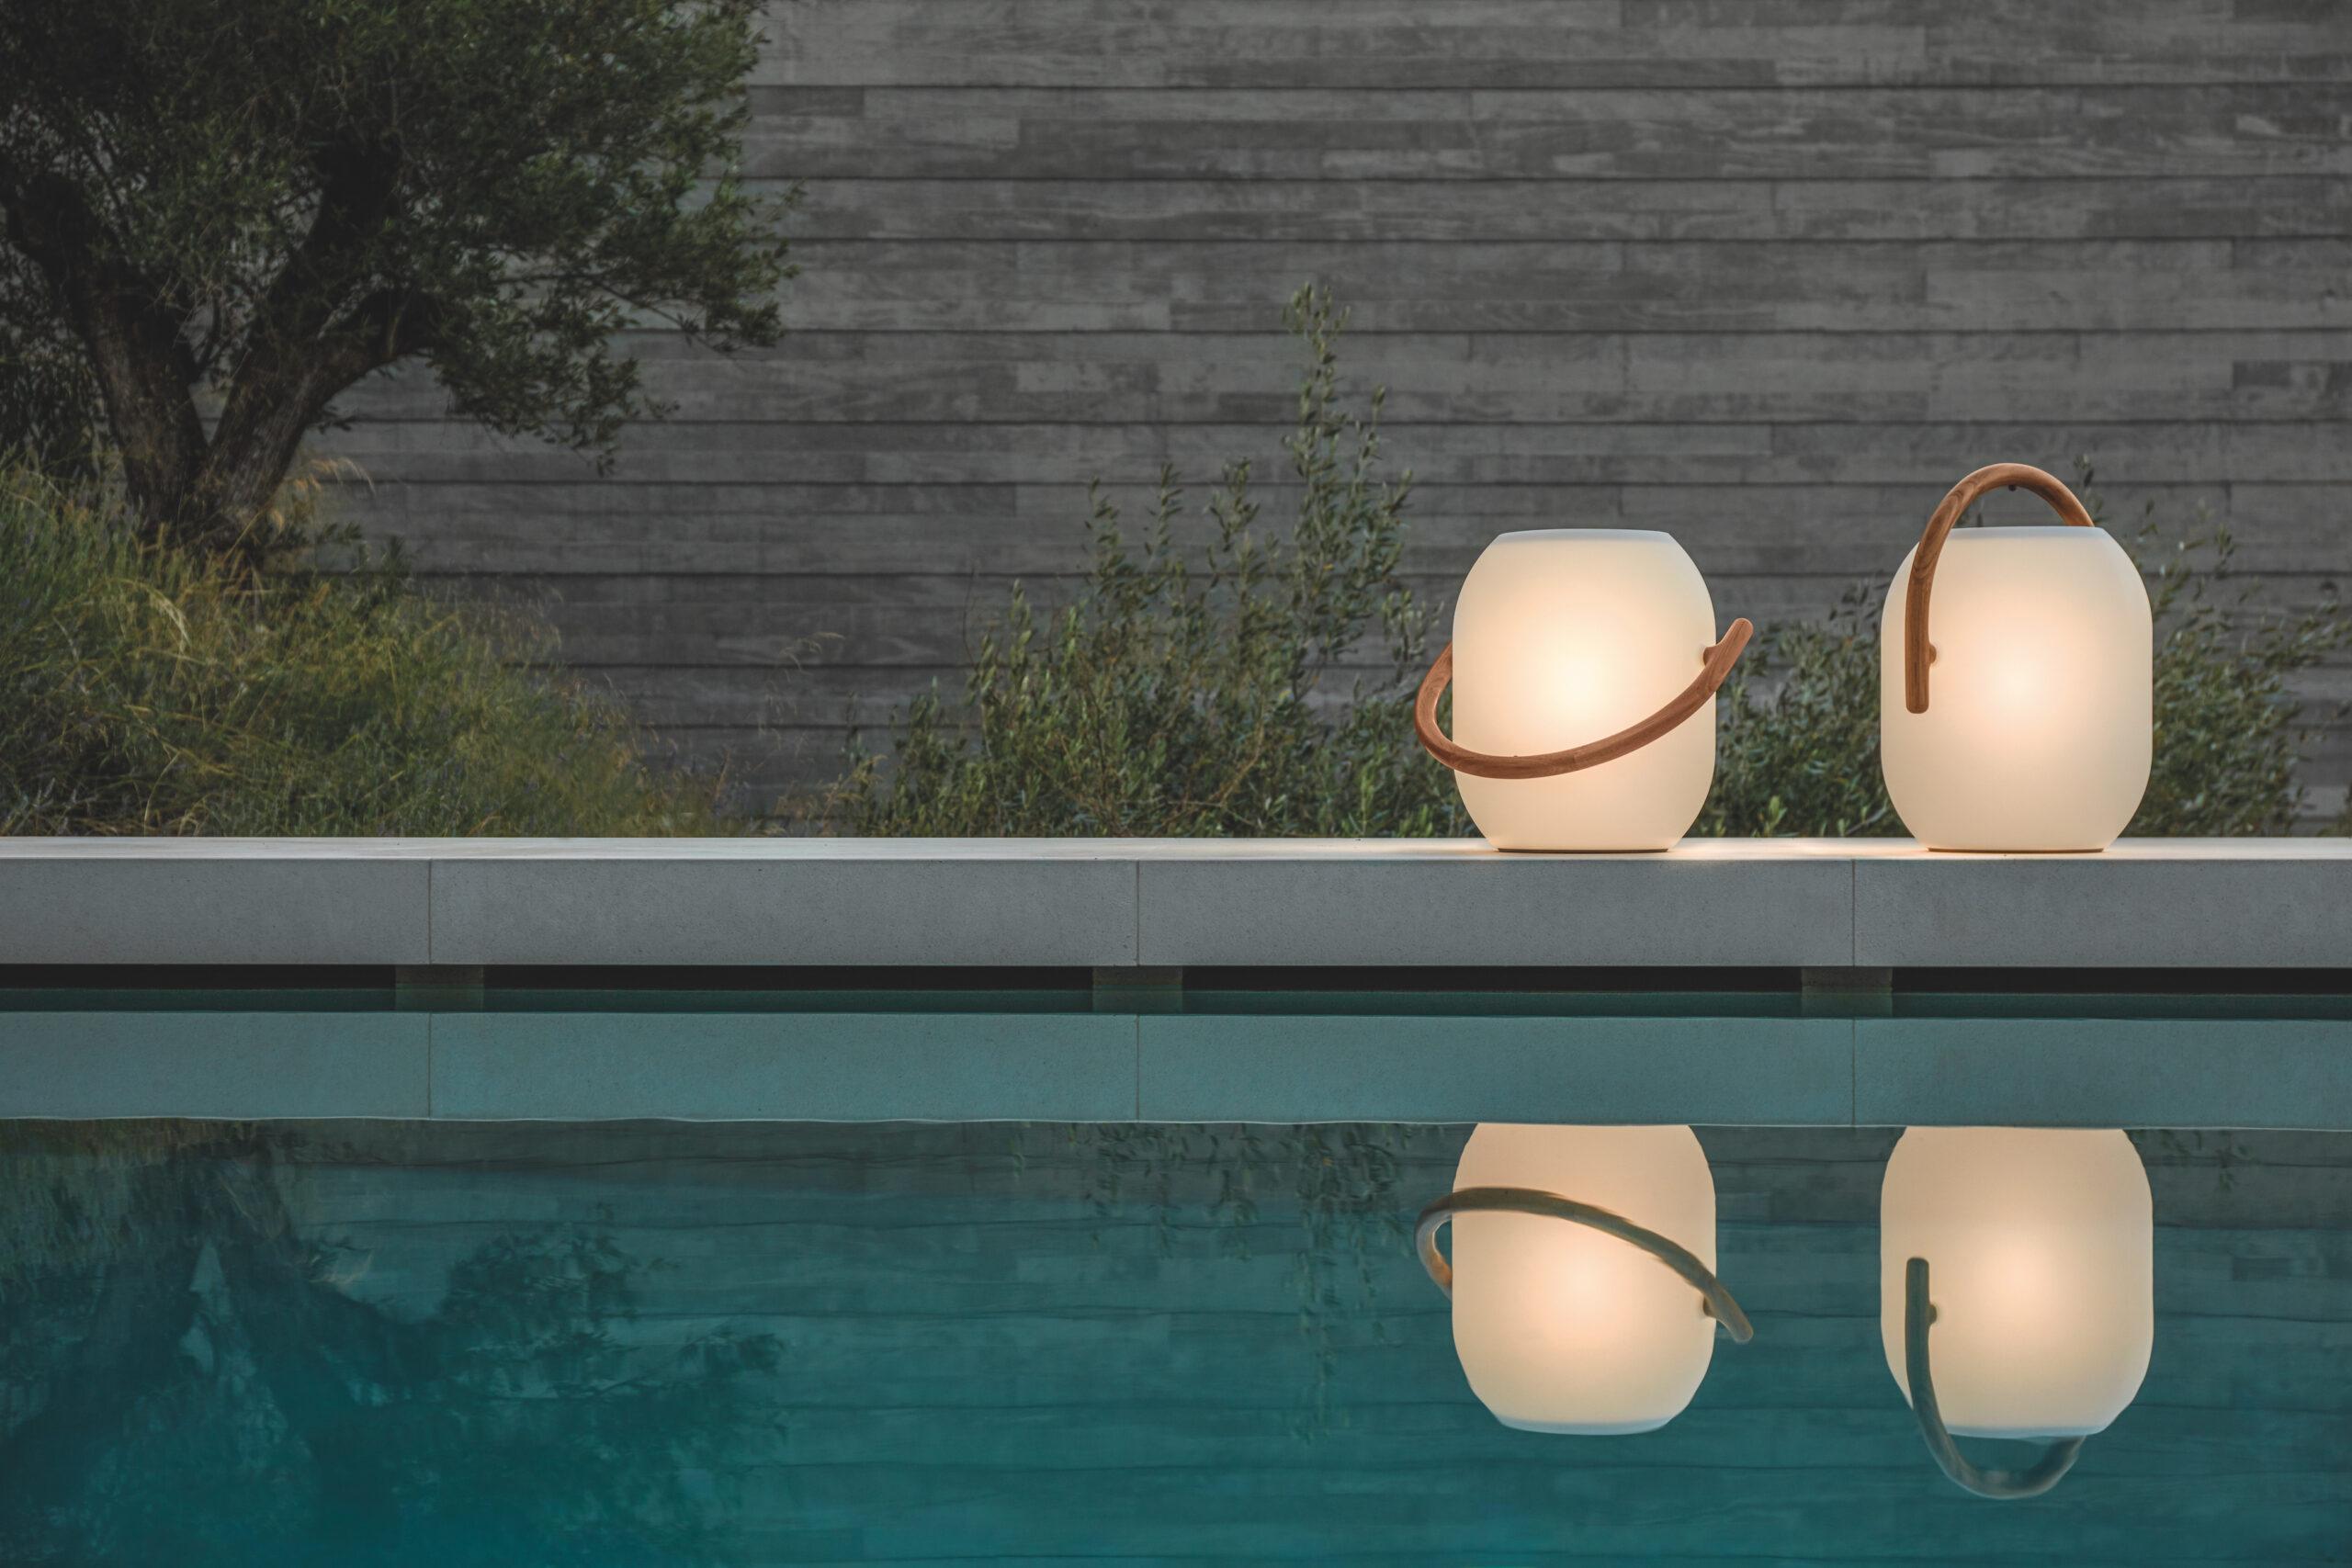 Full Size of Cocoon Küchen Ambient Covon Gloster Furniture Stylepark Regal Wohnzimmer Cocoon Küchen